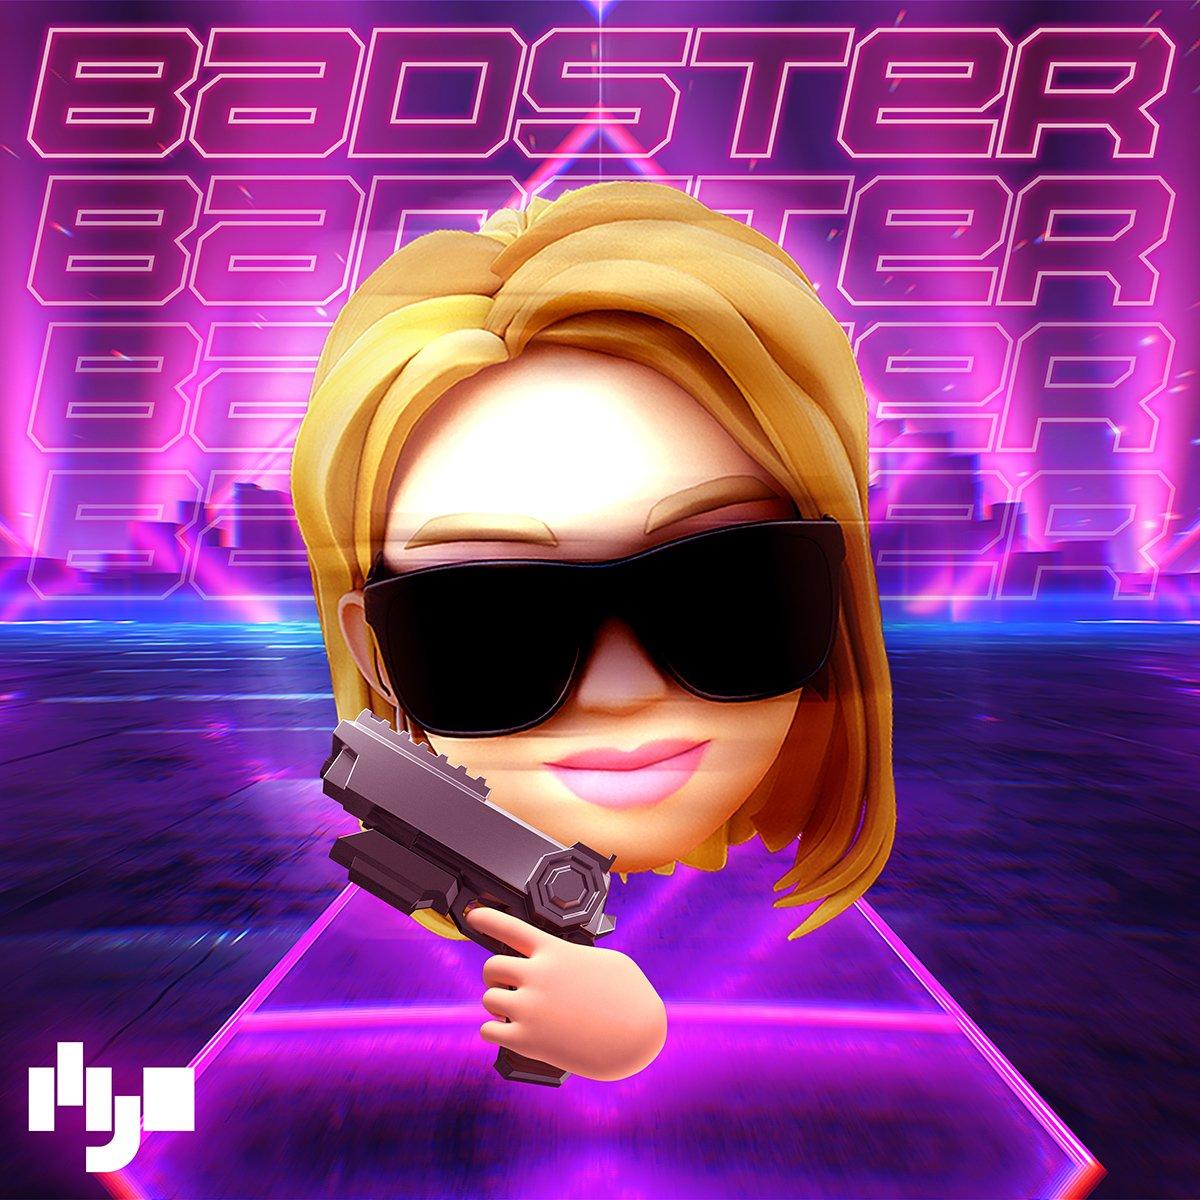 HYO - 'Badster'  D_7rpYaWsAE1WJl